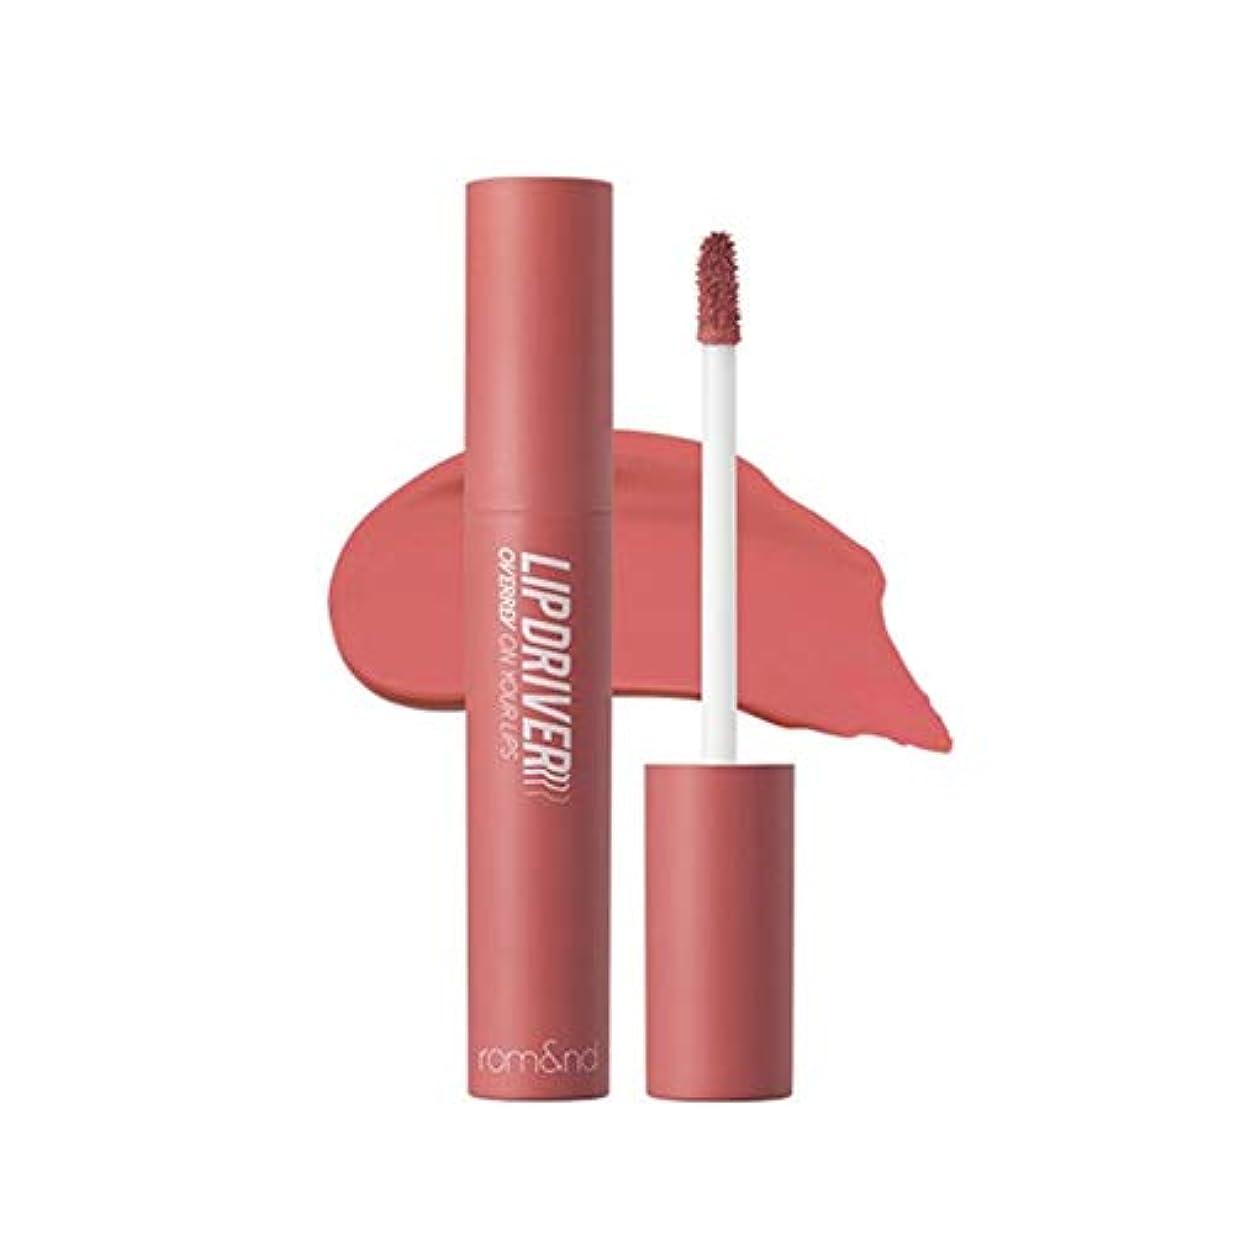 一般化するつぼみ落ち着いたローム?アンド?リップドライバリップスティック5カラー韓国コスメ、Rom&nd Lipdriver Lipstick 5 Colors Korean Cosmetics [並行輸入品] (#05. overrev)